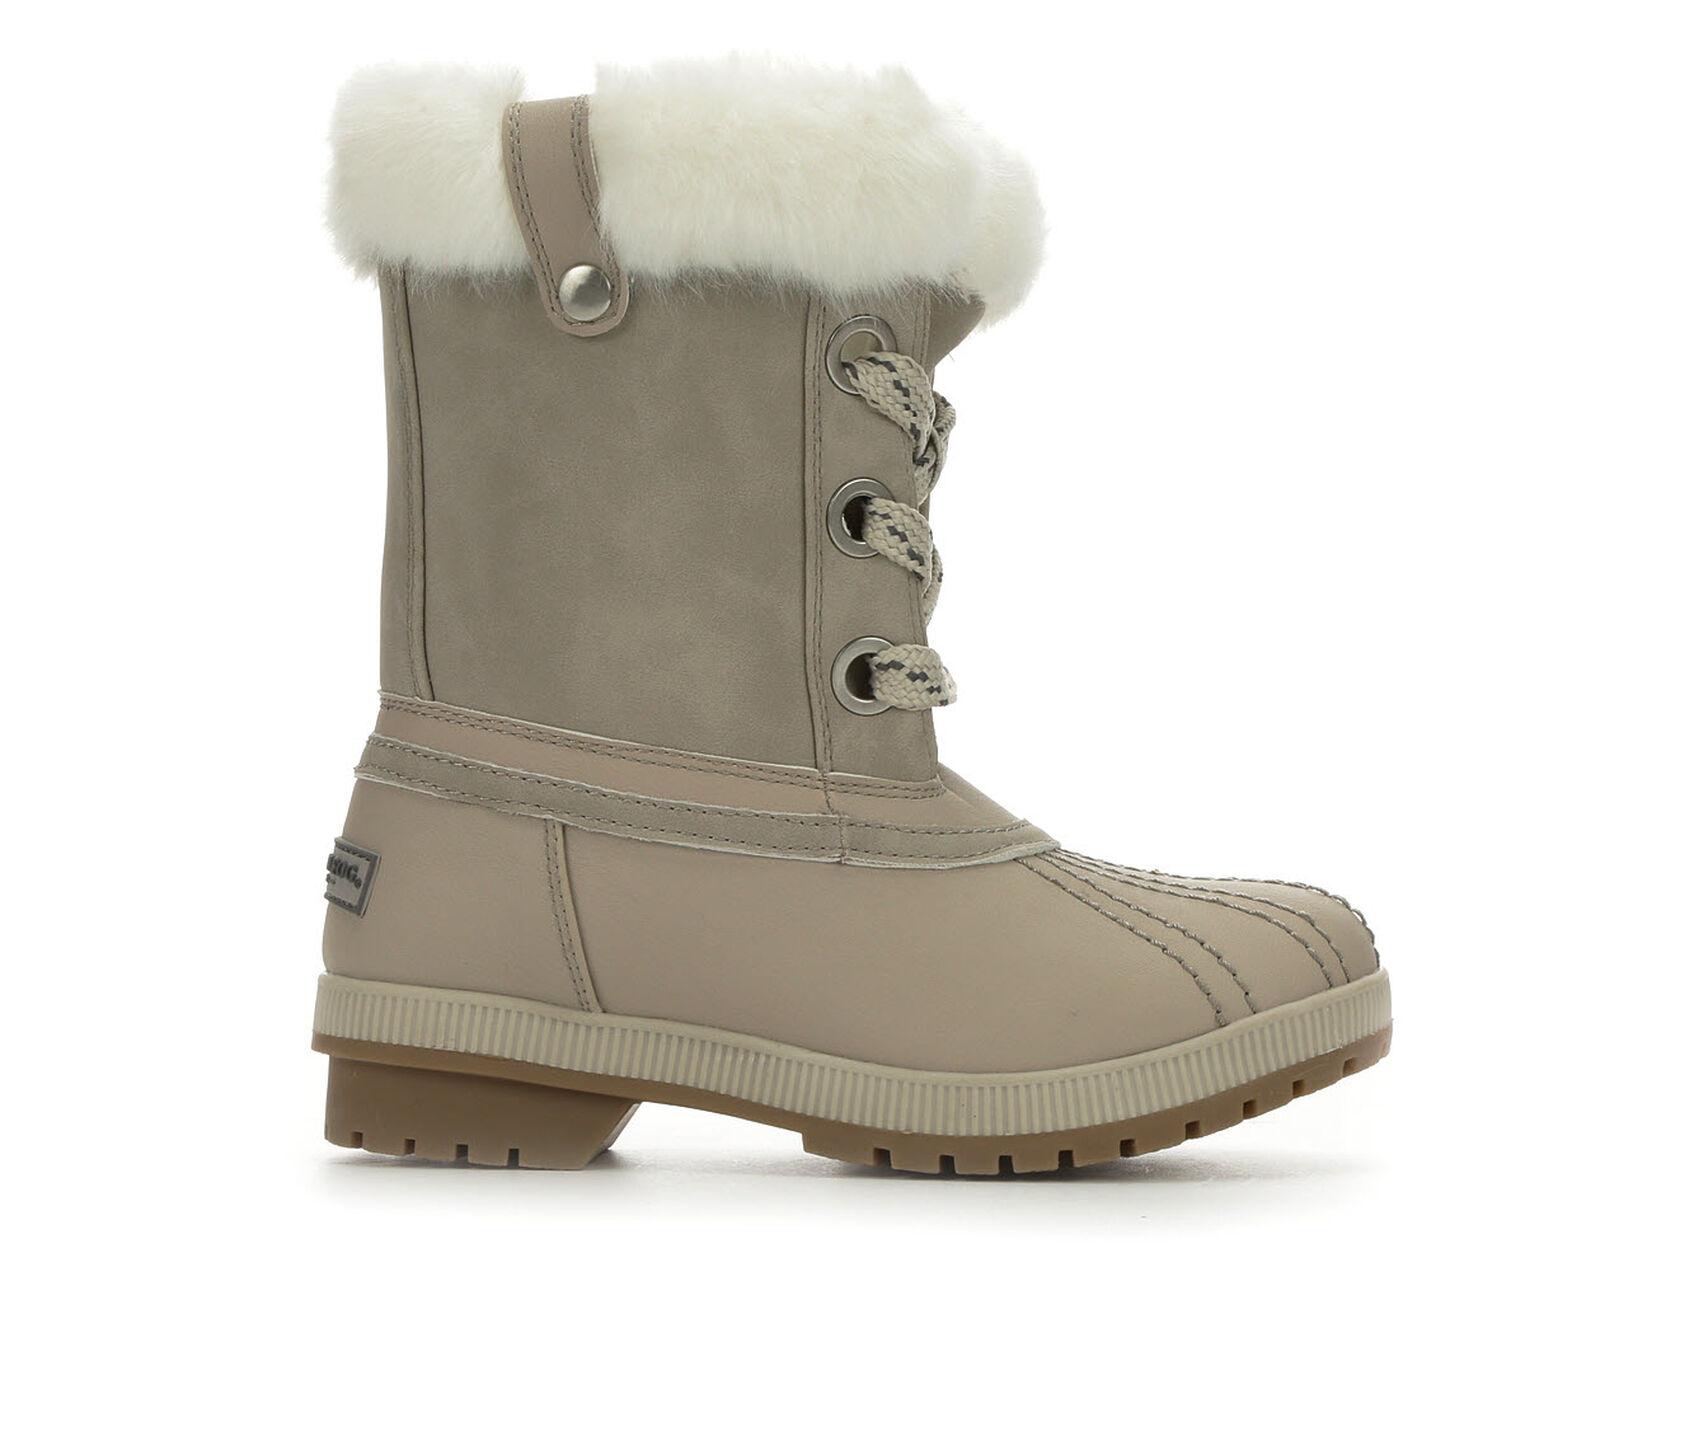 London Fog Women's Milly Duck Boots